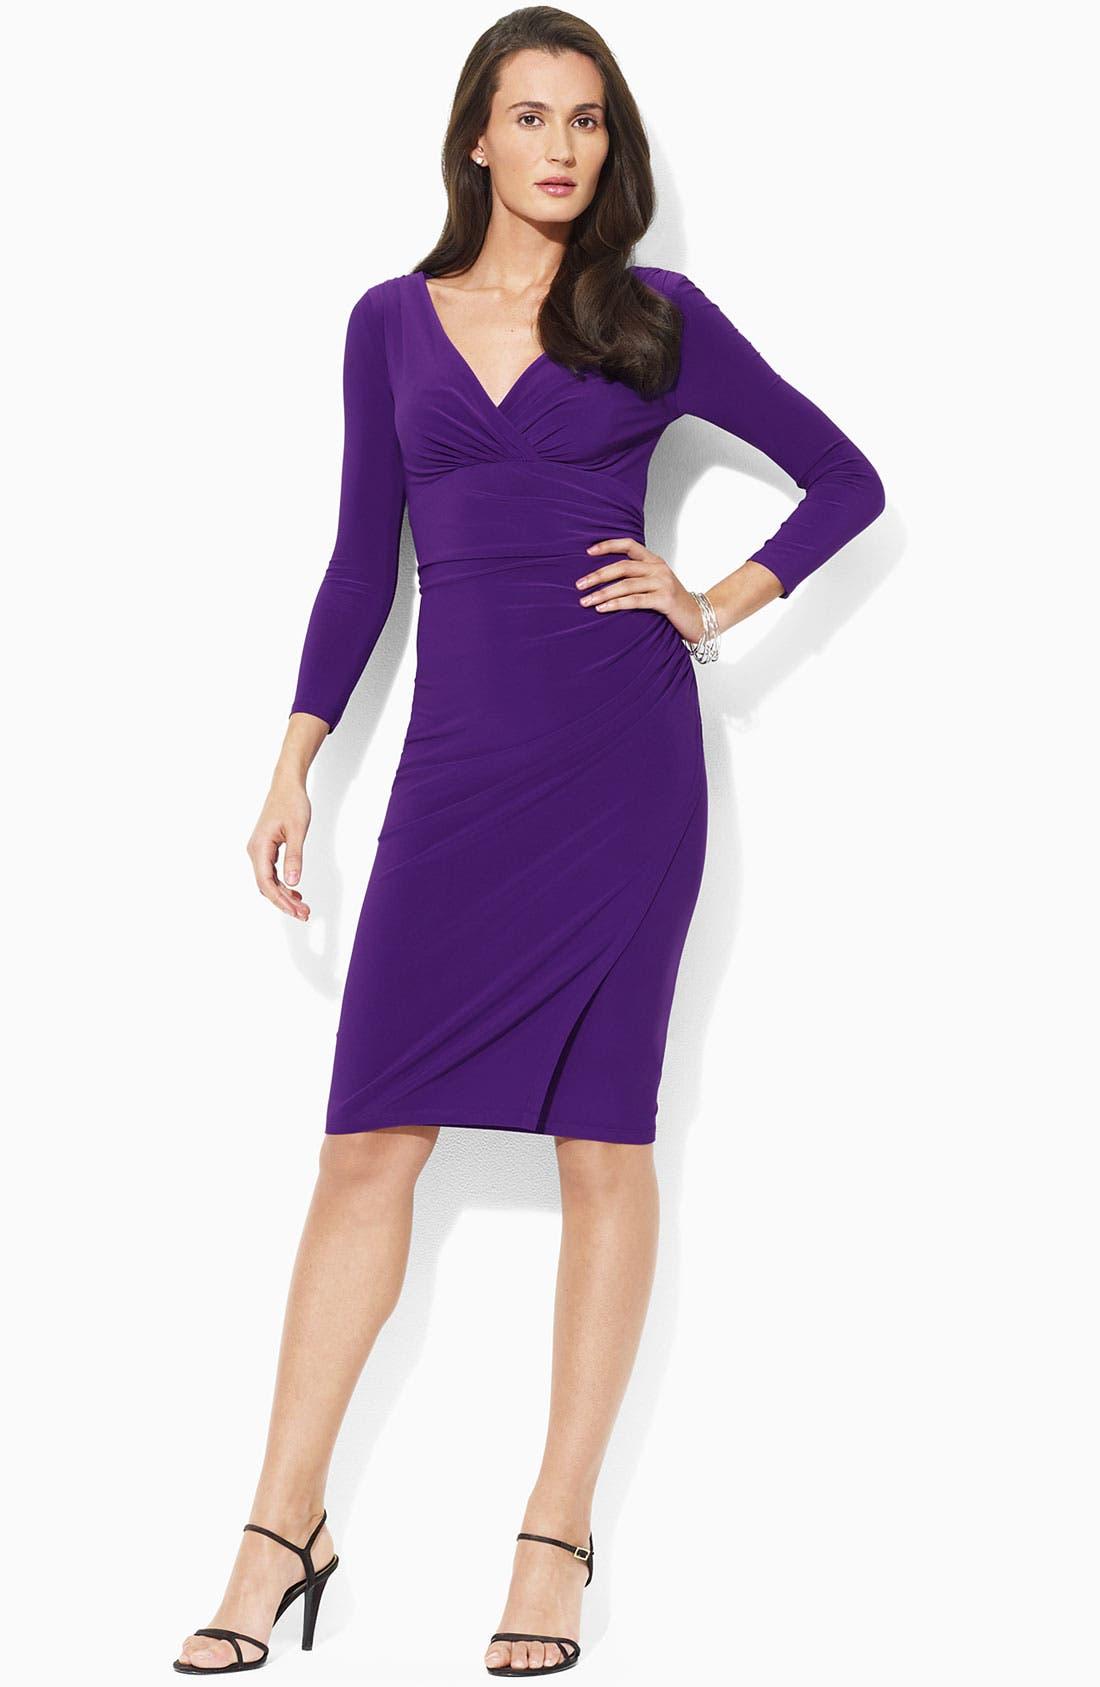 Alternate Image 1 Selected - Lauren Ralph Lauren Matte Jersey Dress